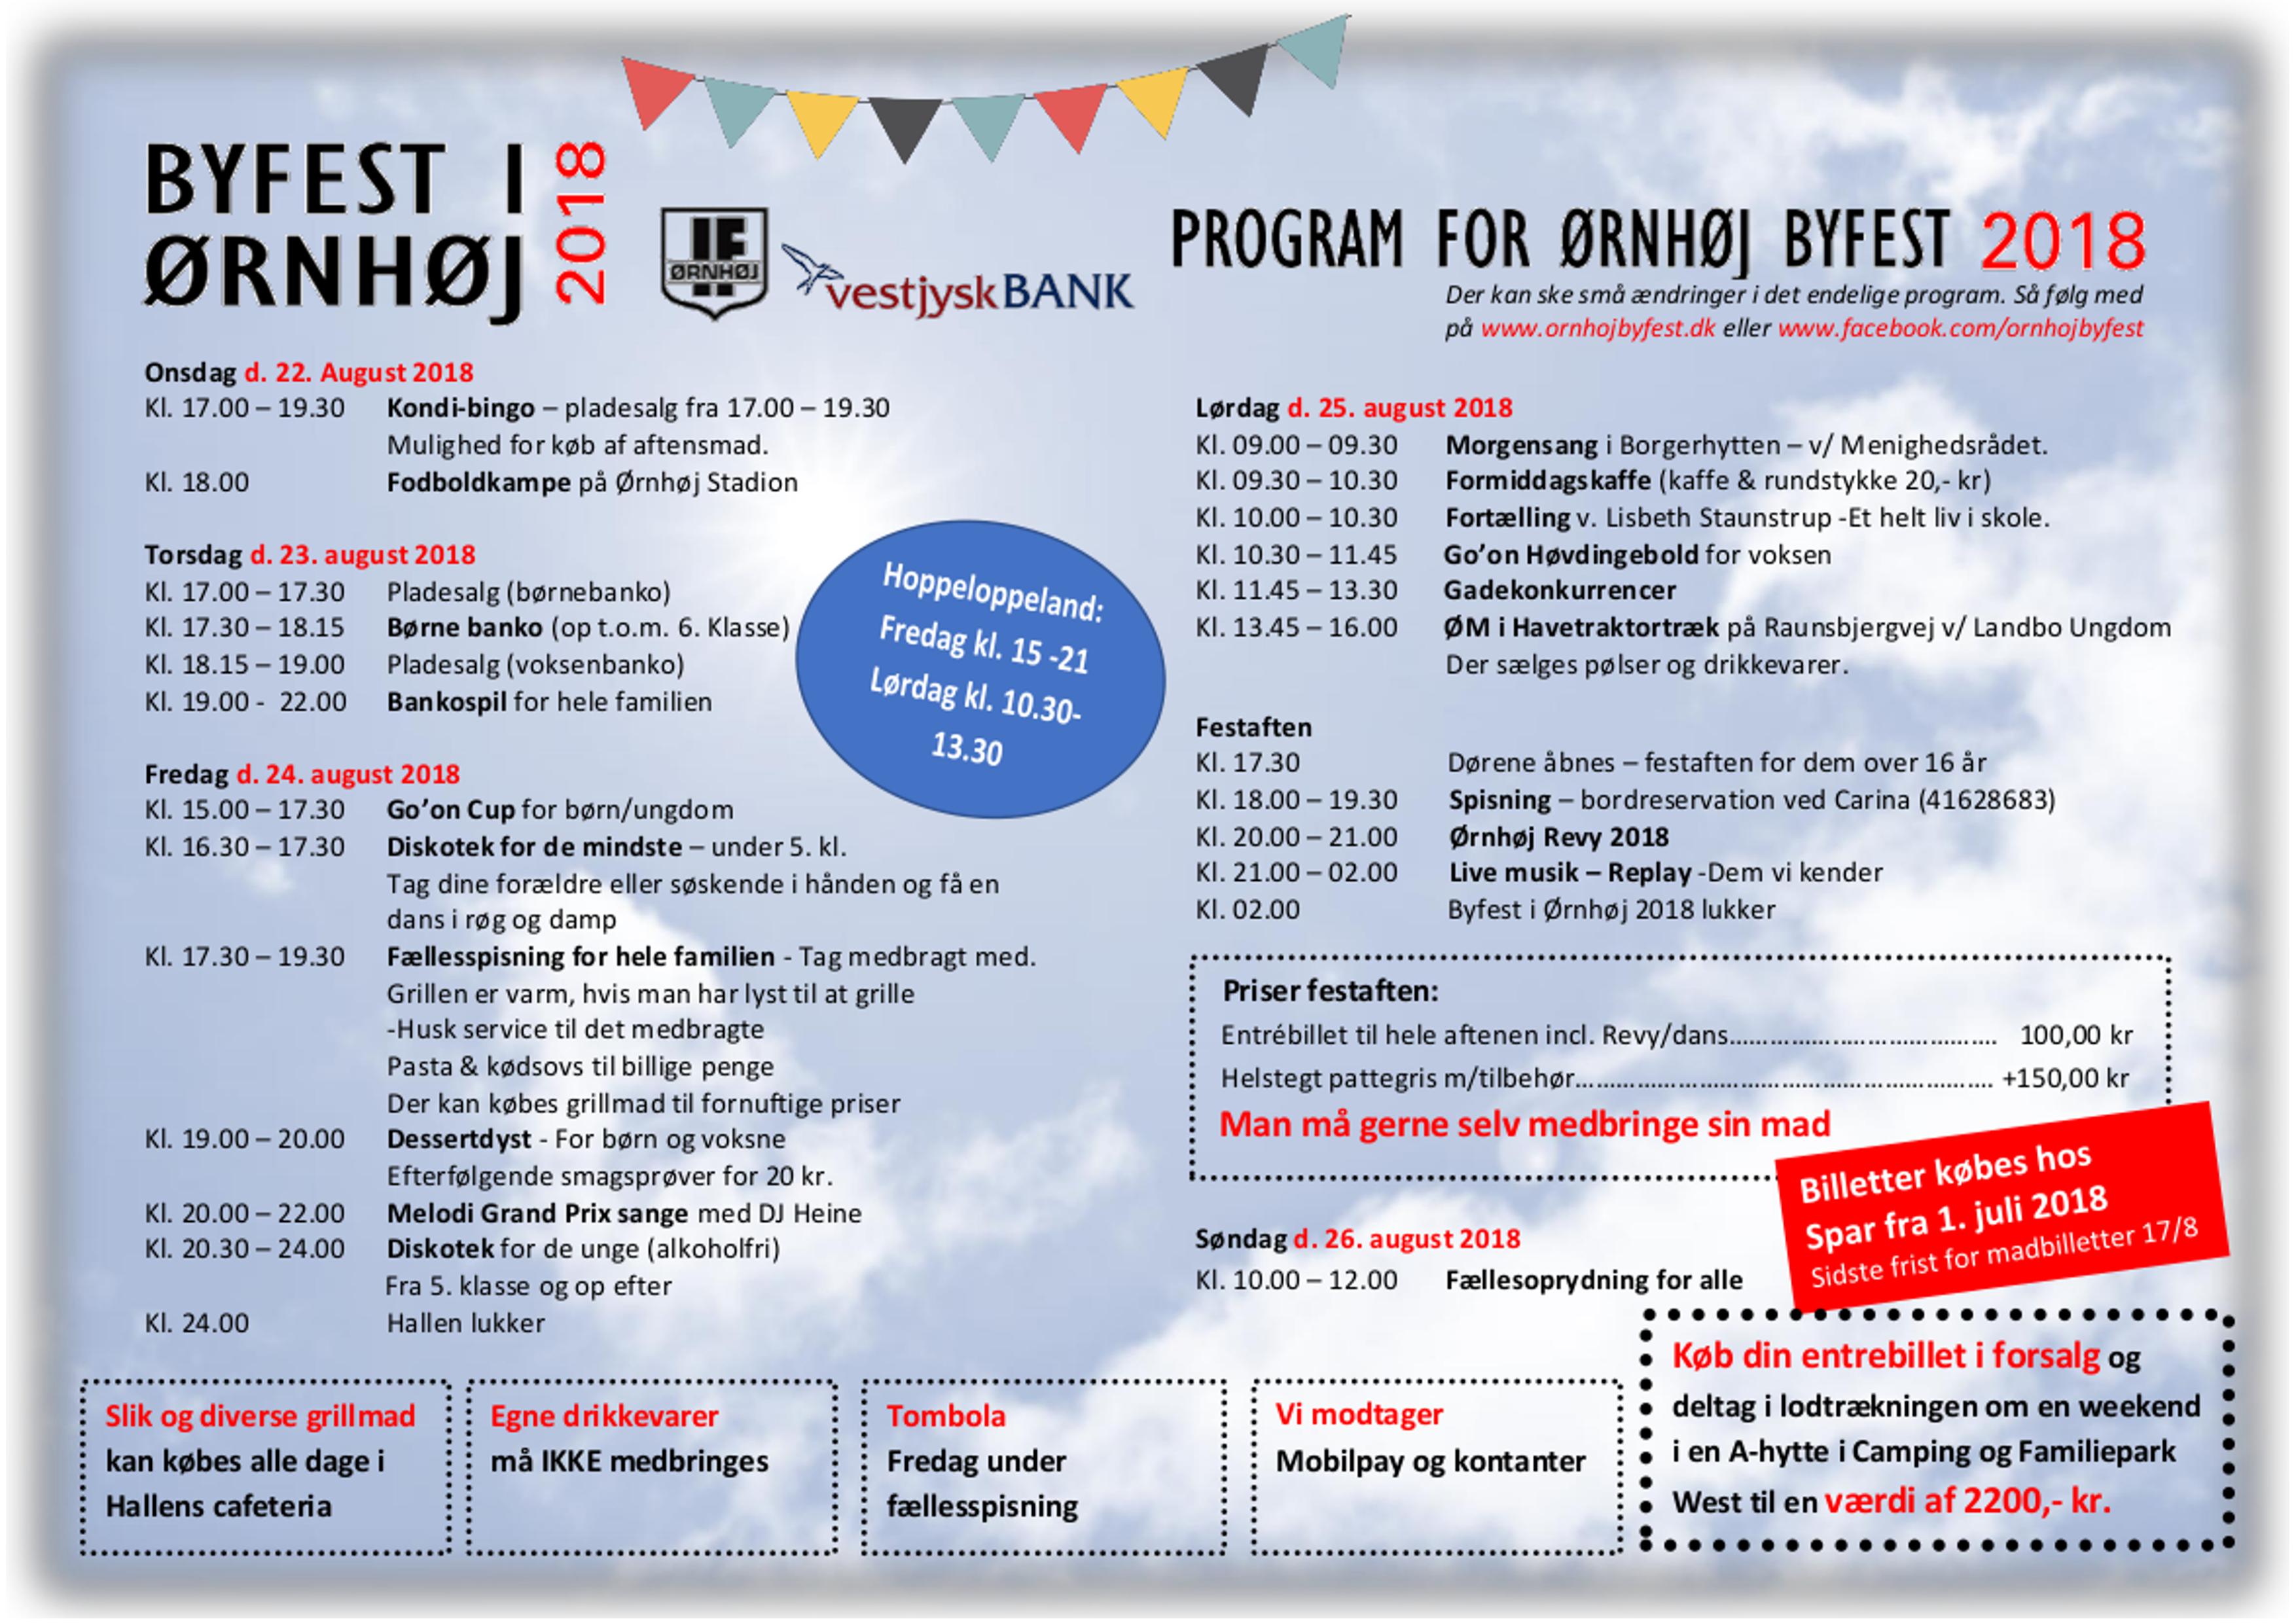 Byfestprogram 2018